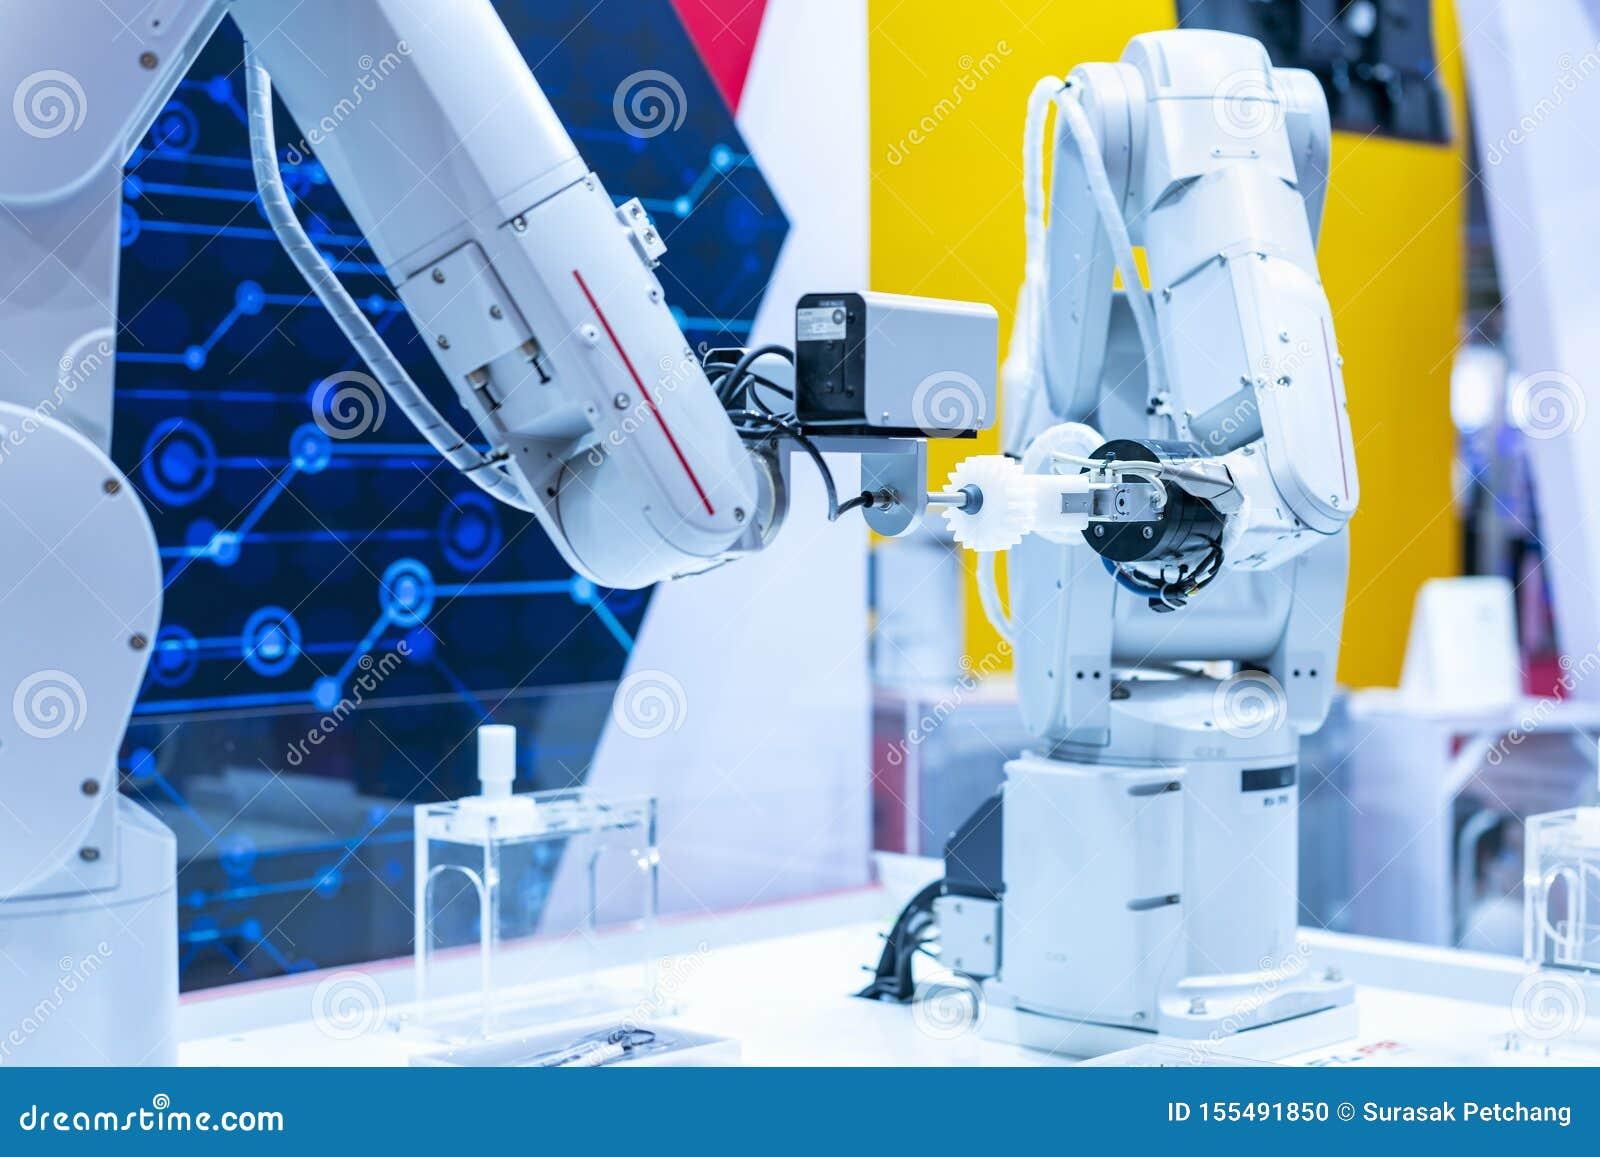 蓝色口气两高技术&聪明的精确度机器人夹子&自动钳位或者牛颈肉抓住工业汽车零件的这样